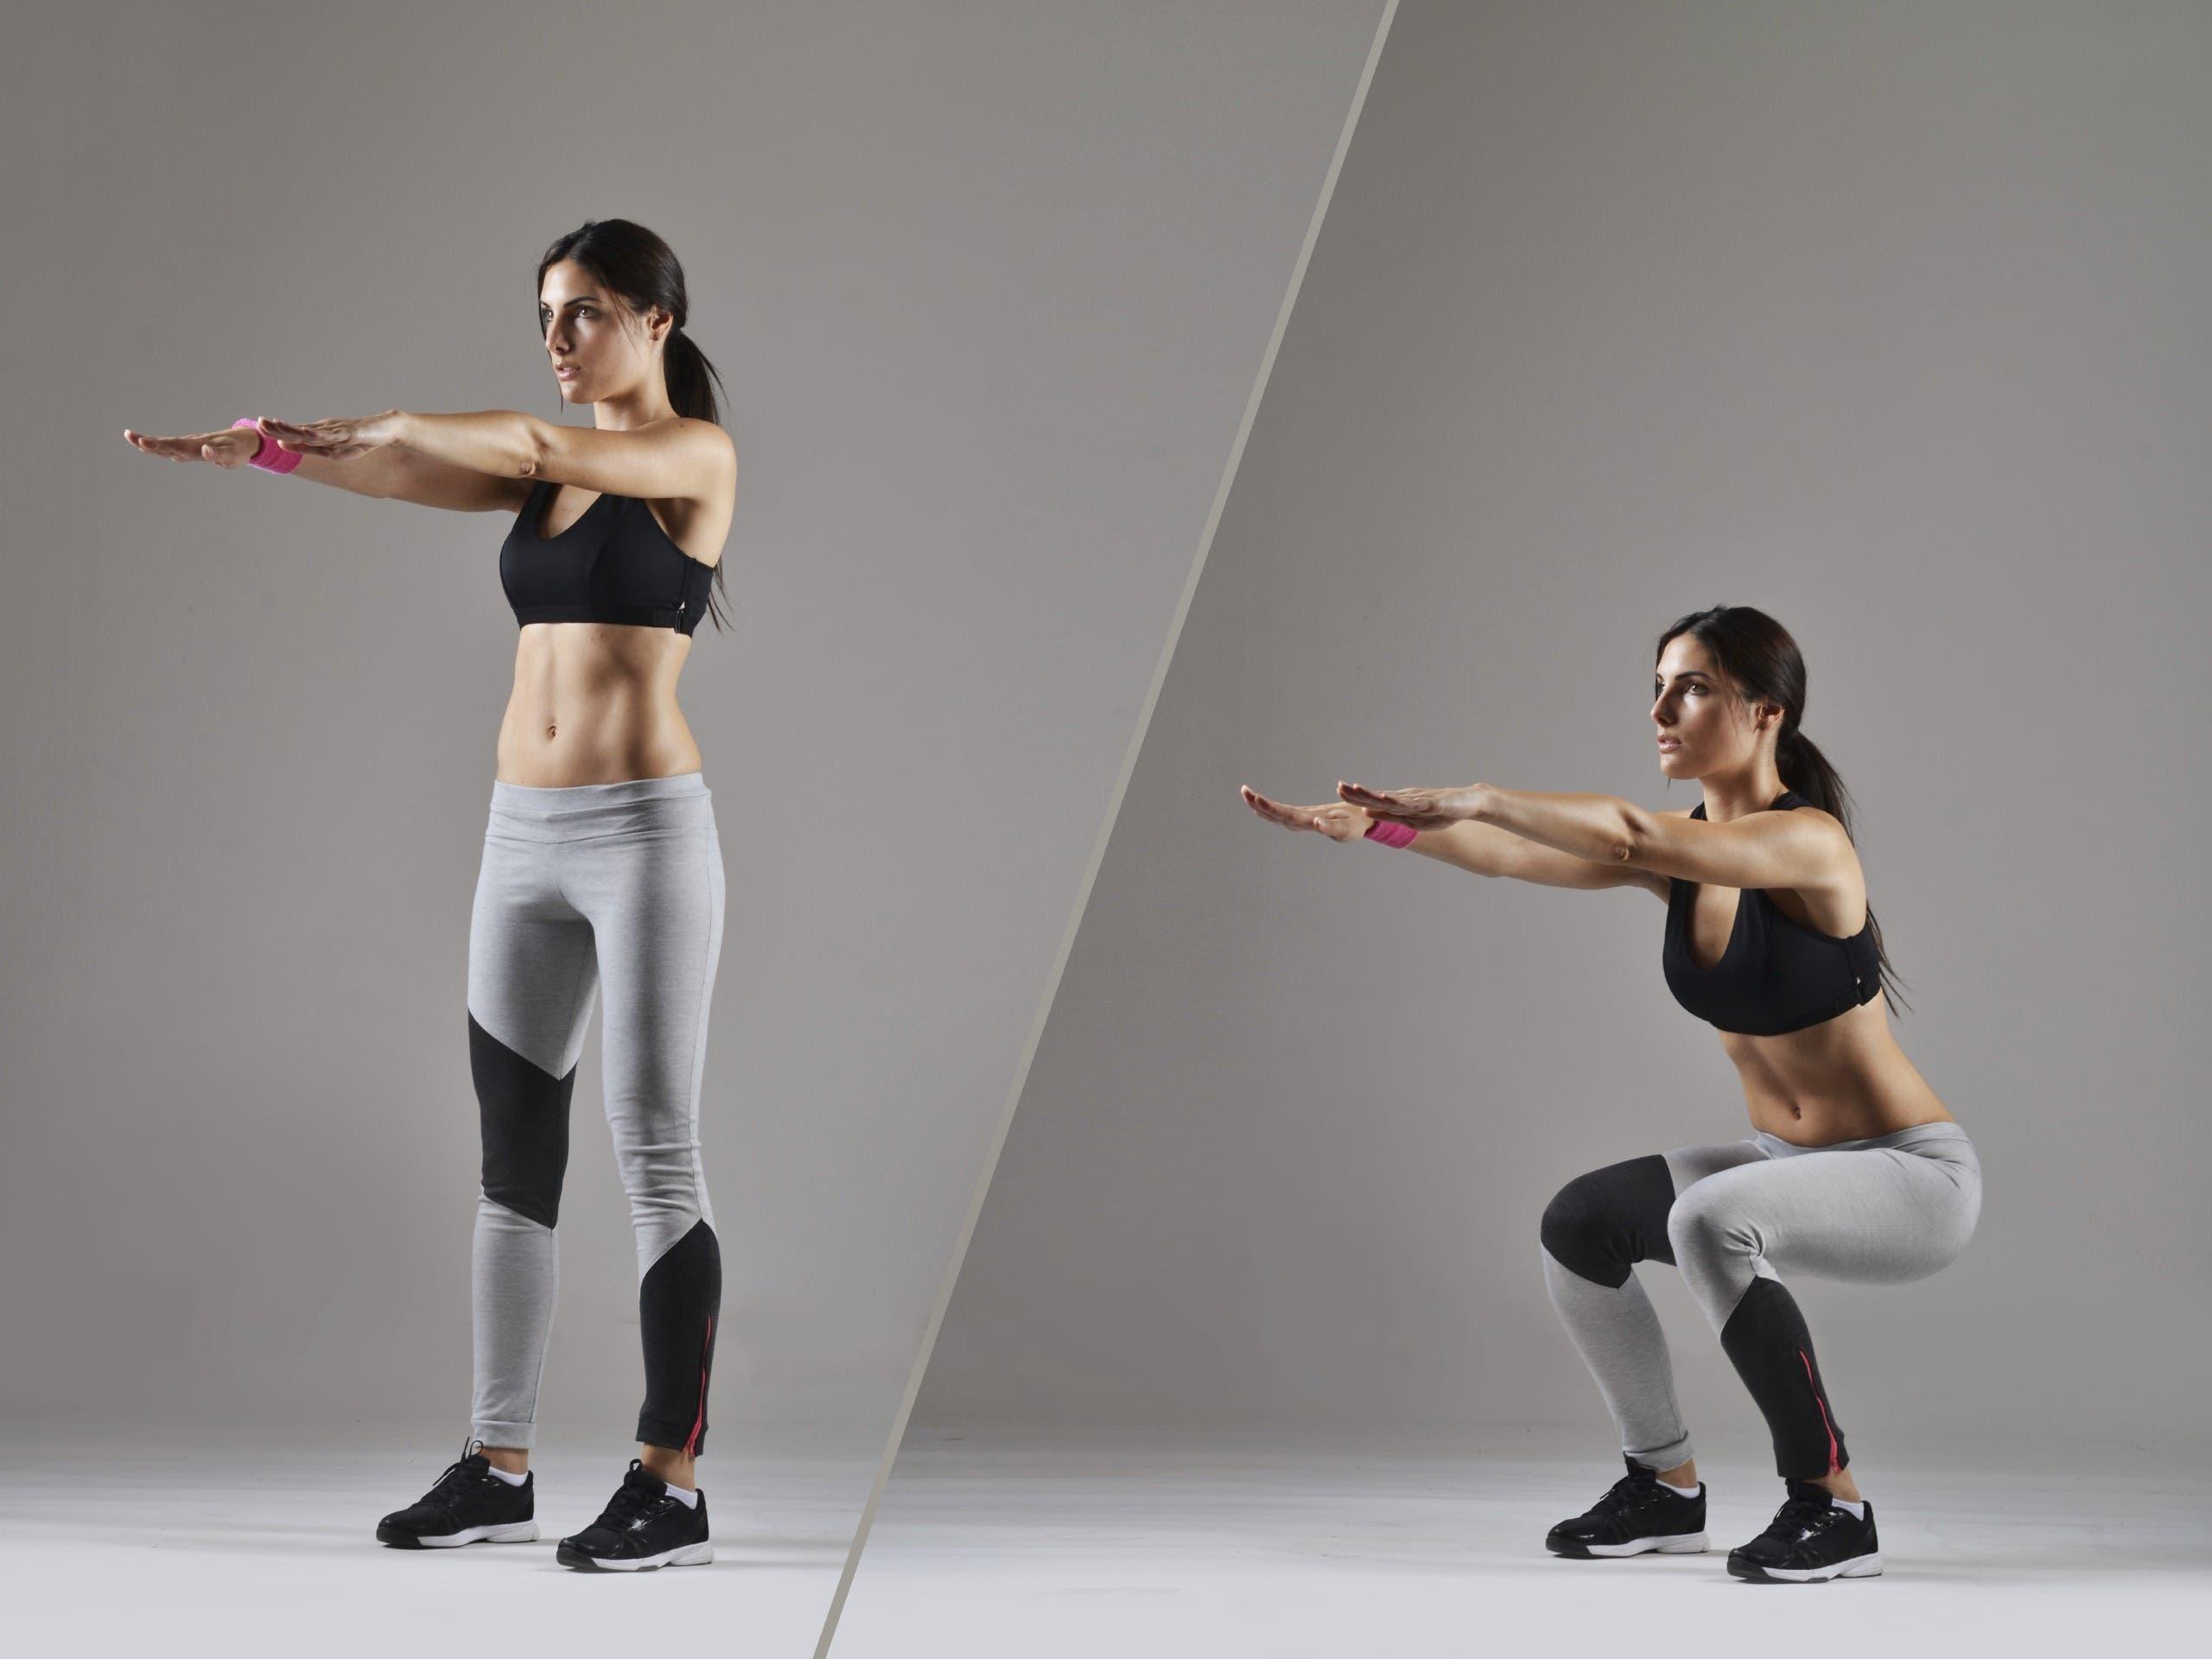 squats 5